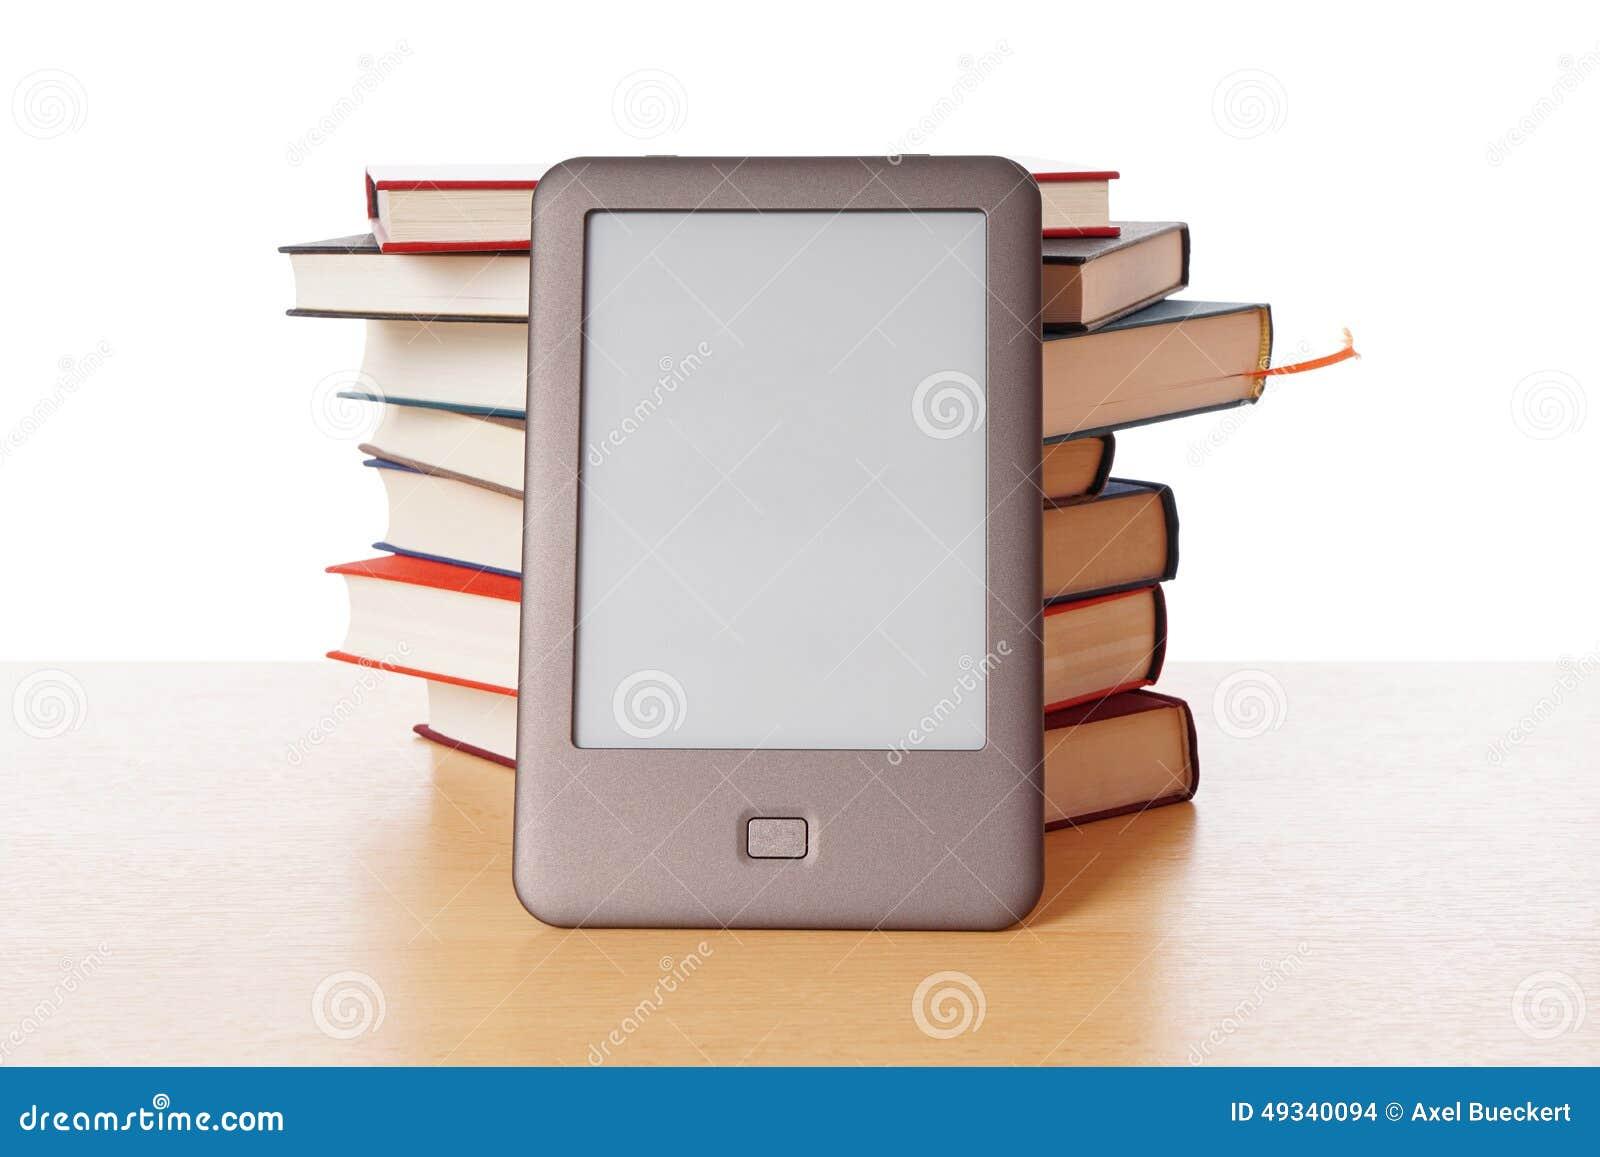 Ebook-Leser gegen Stapel von Büchern